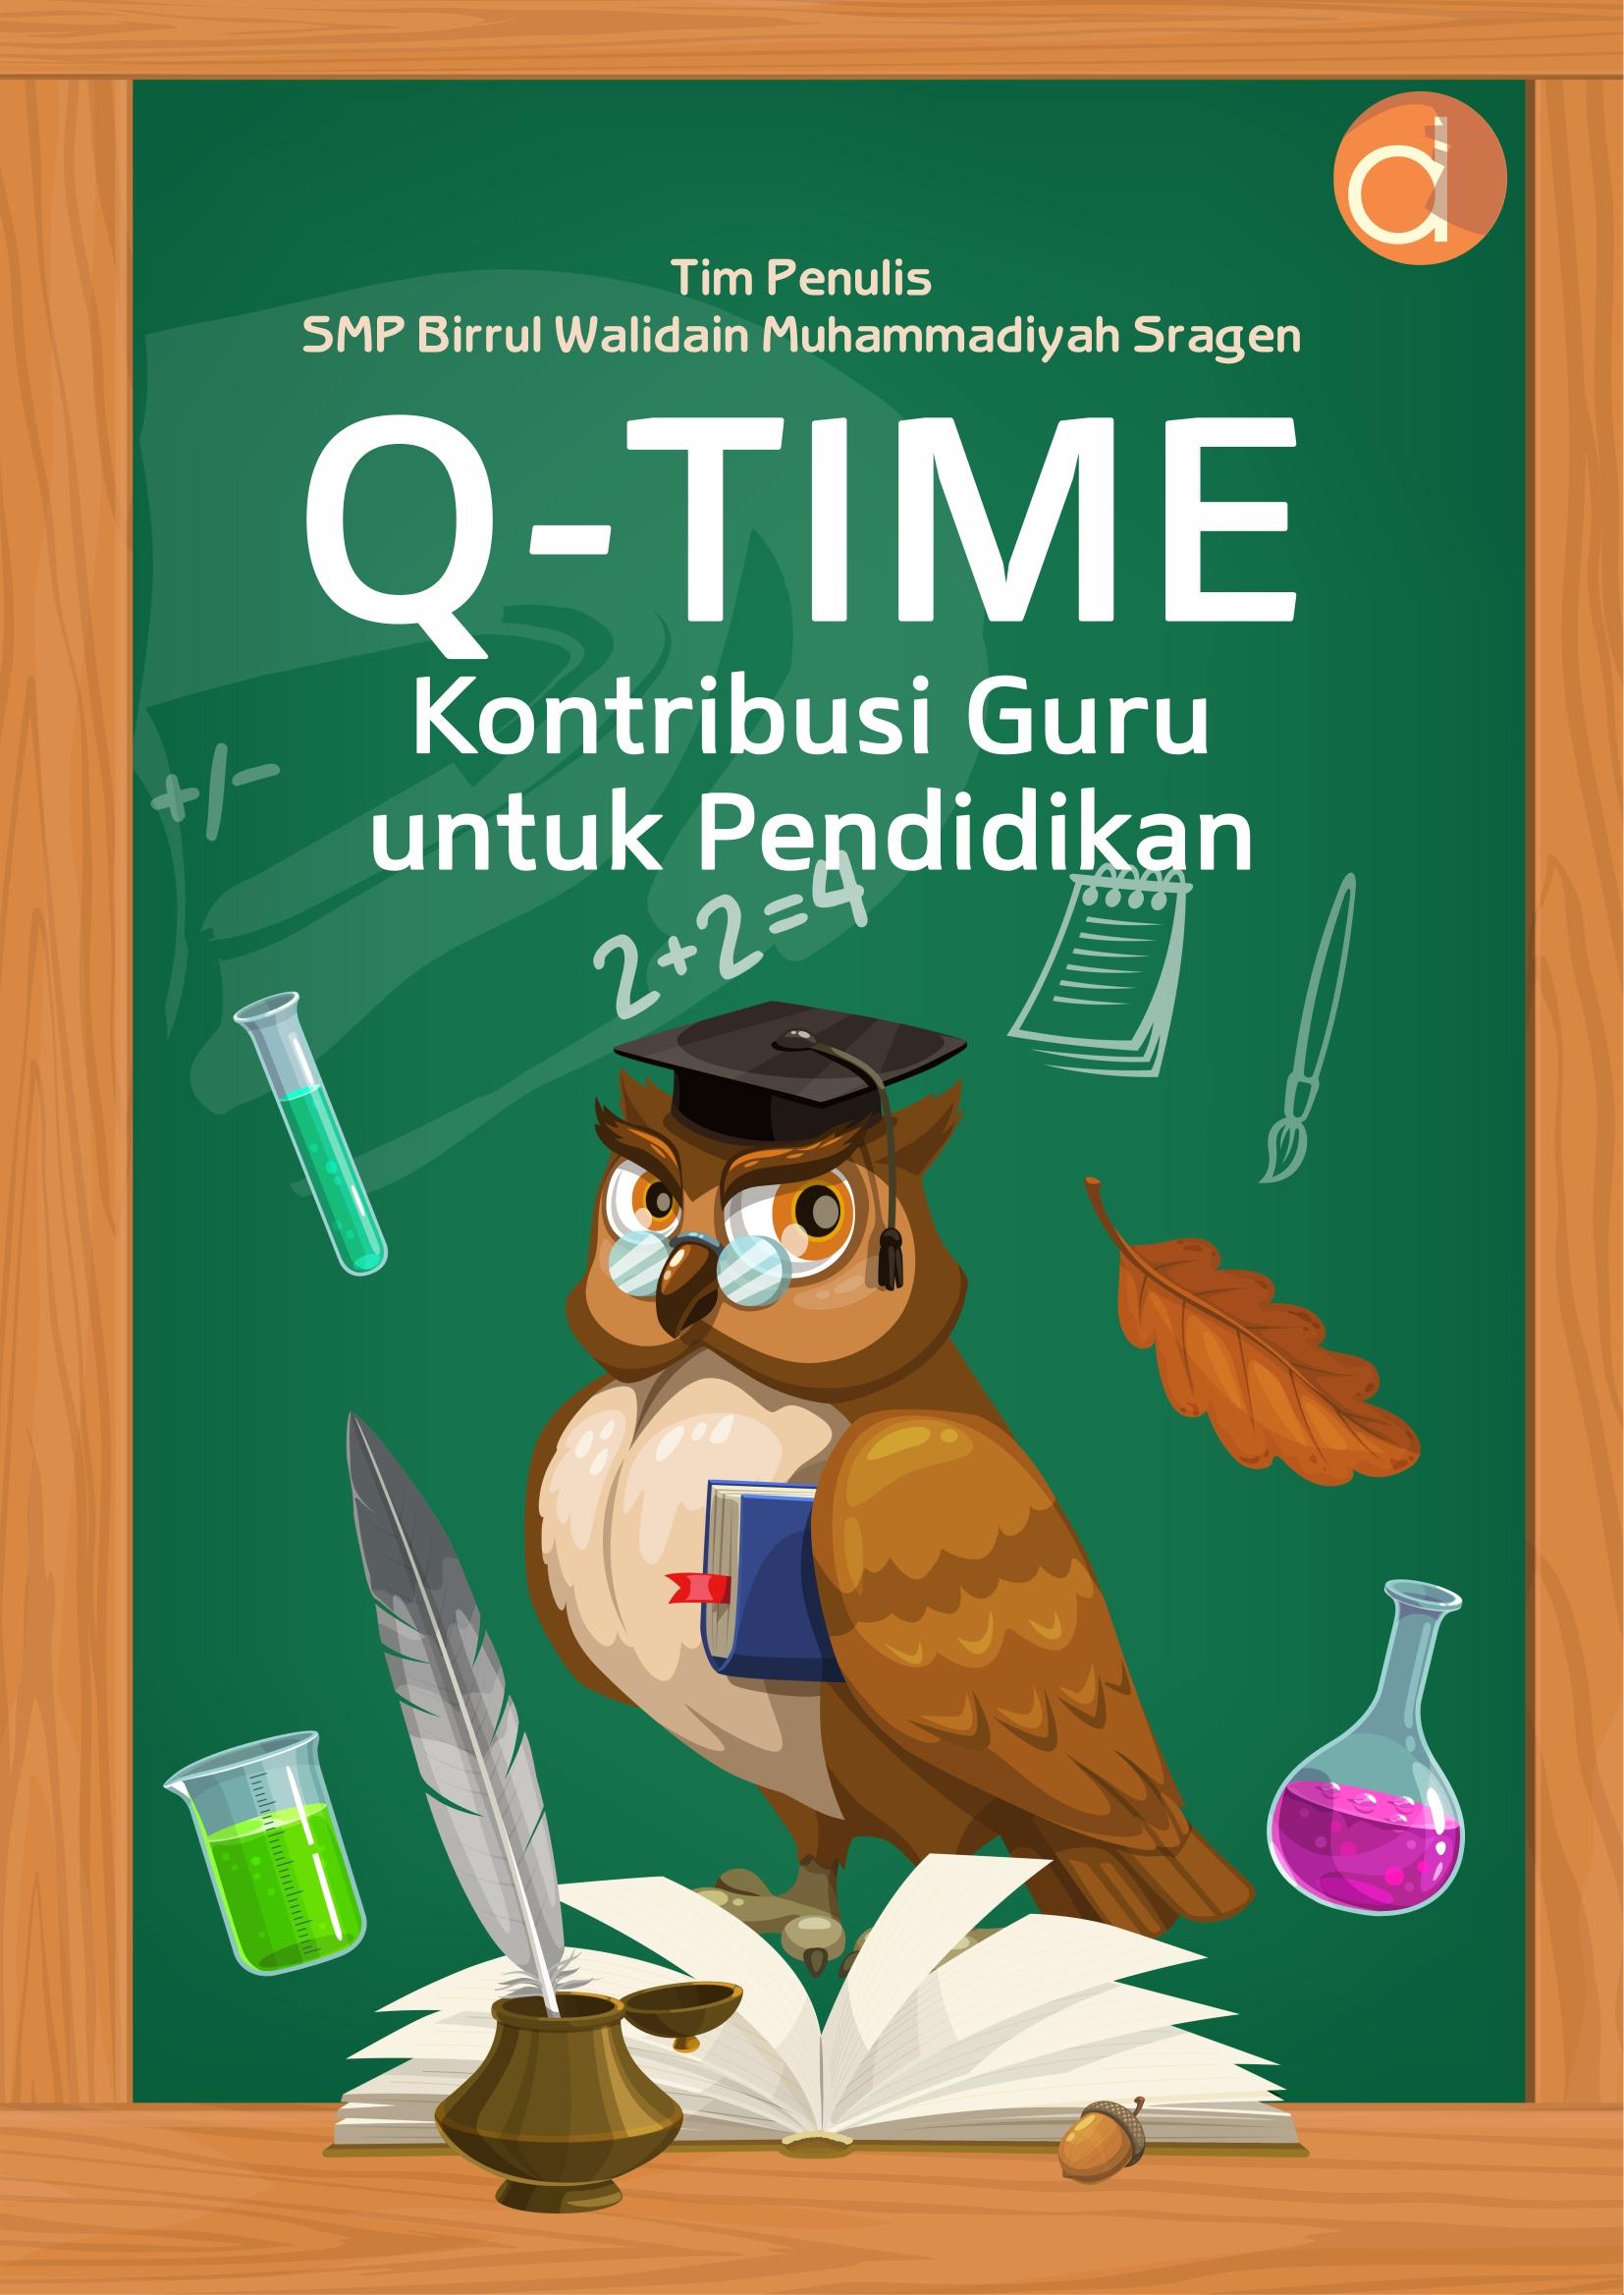 Q-time [sumber elektronis] : kontribusi guru untuk pendidikan